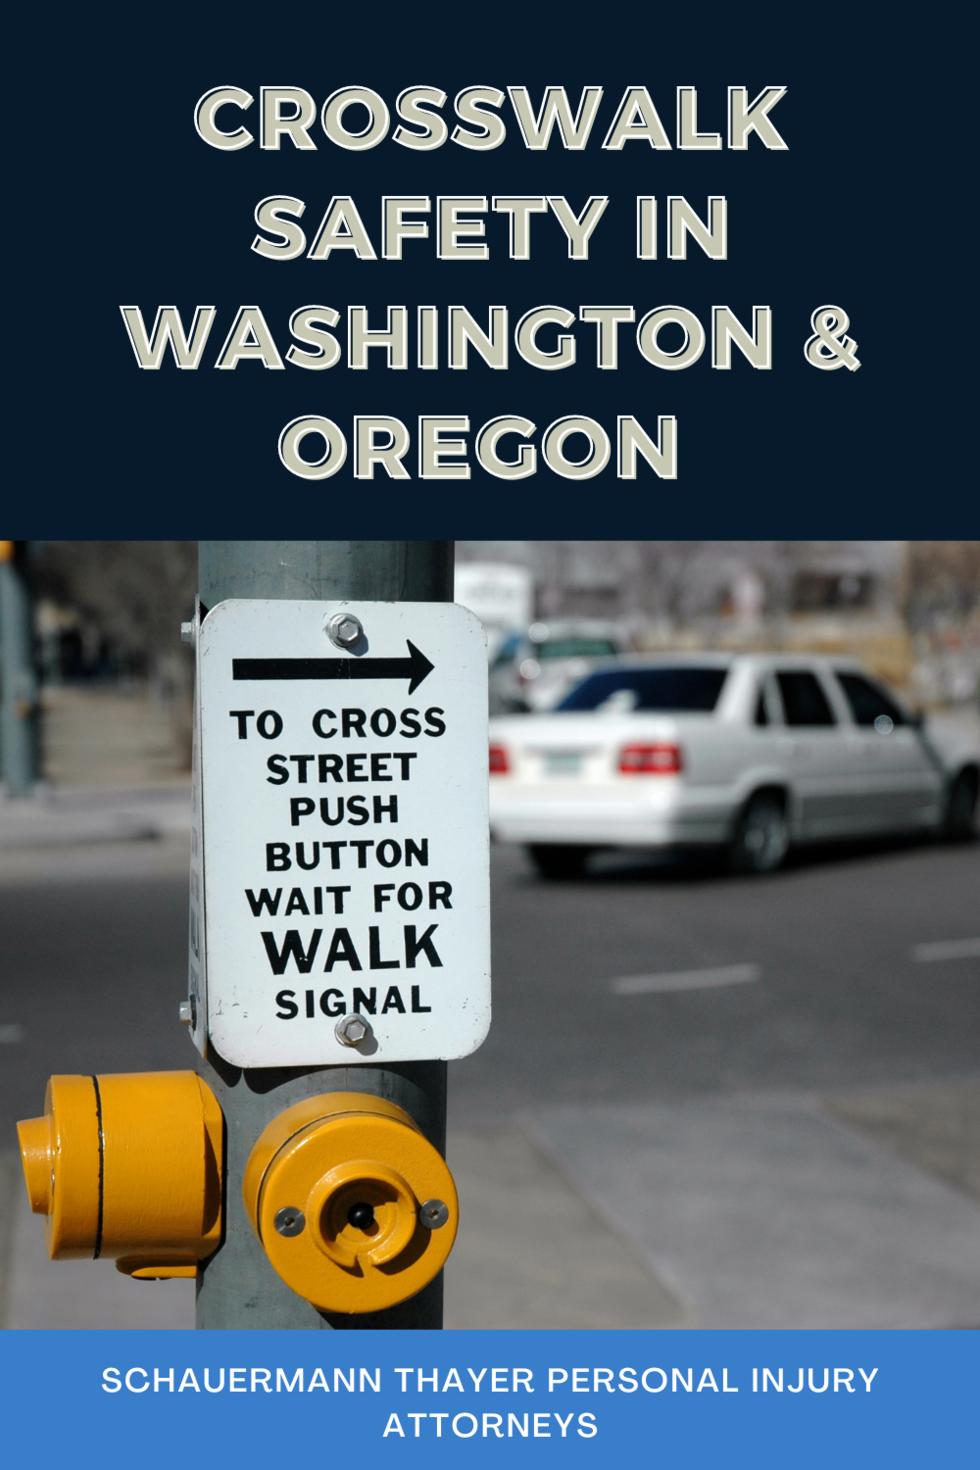 crosswalk_safety_washington_oregon